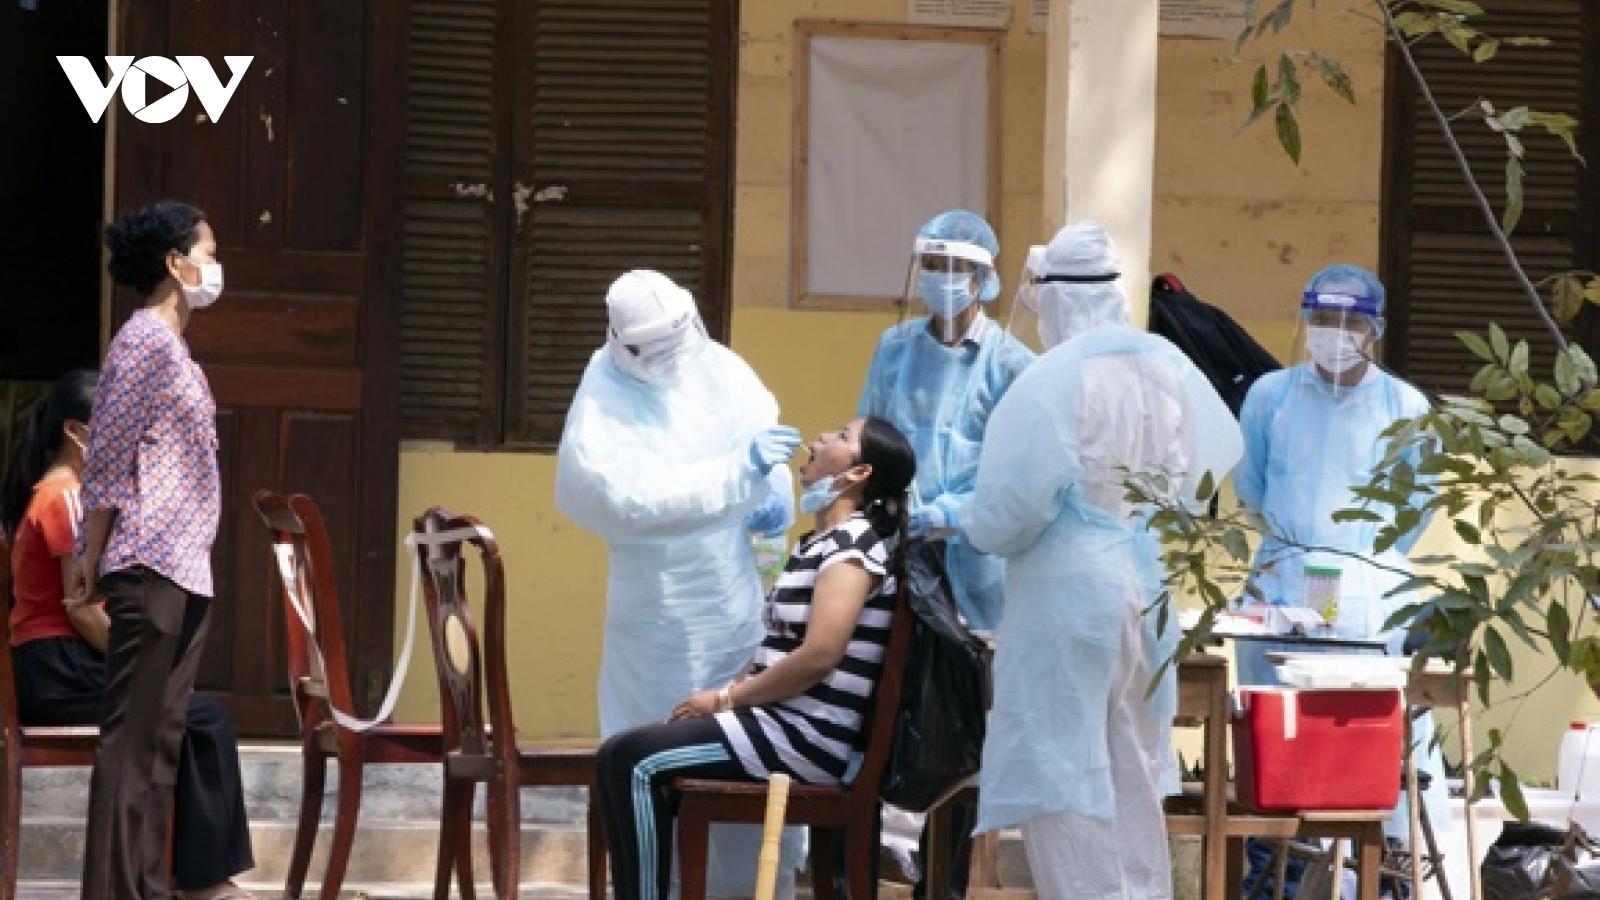 Campuchia phát hiện số ca lây nhiễm Covid-19 trong cộng đồng cao kỷ lục